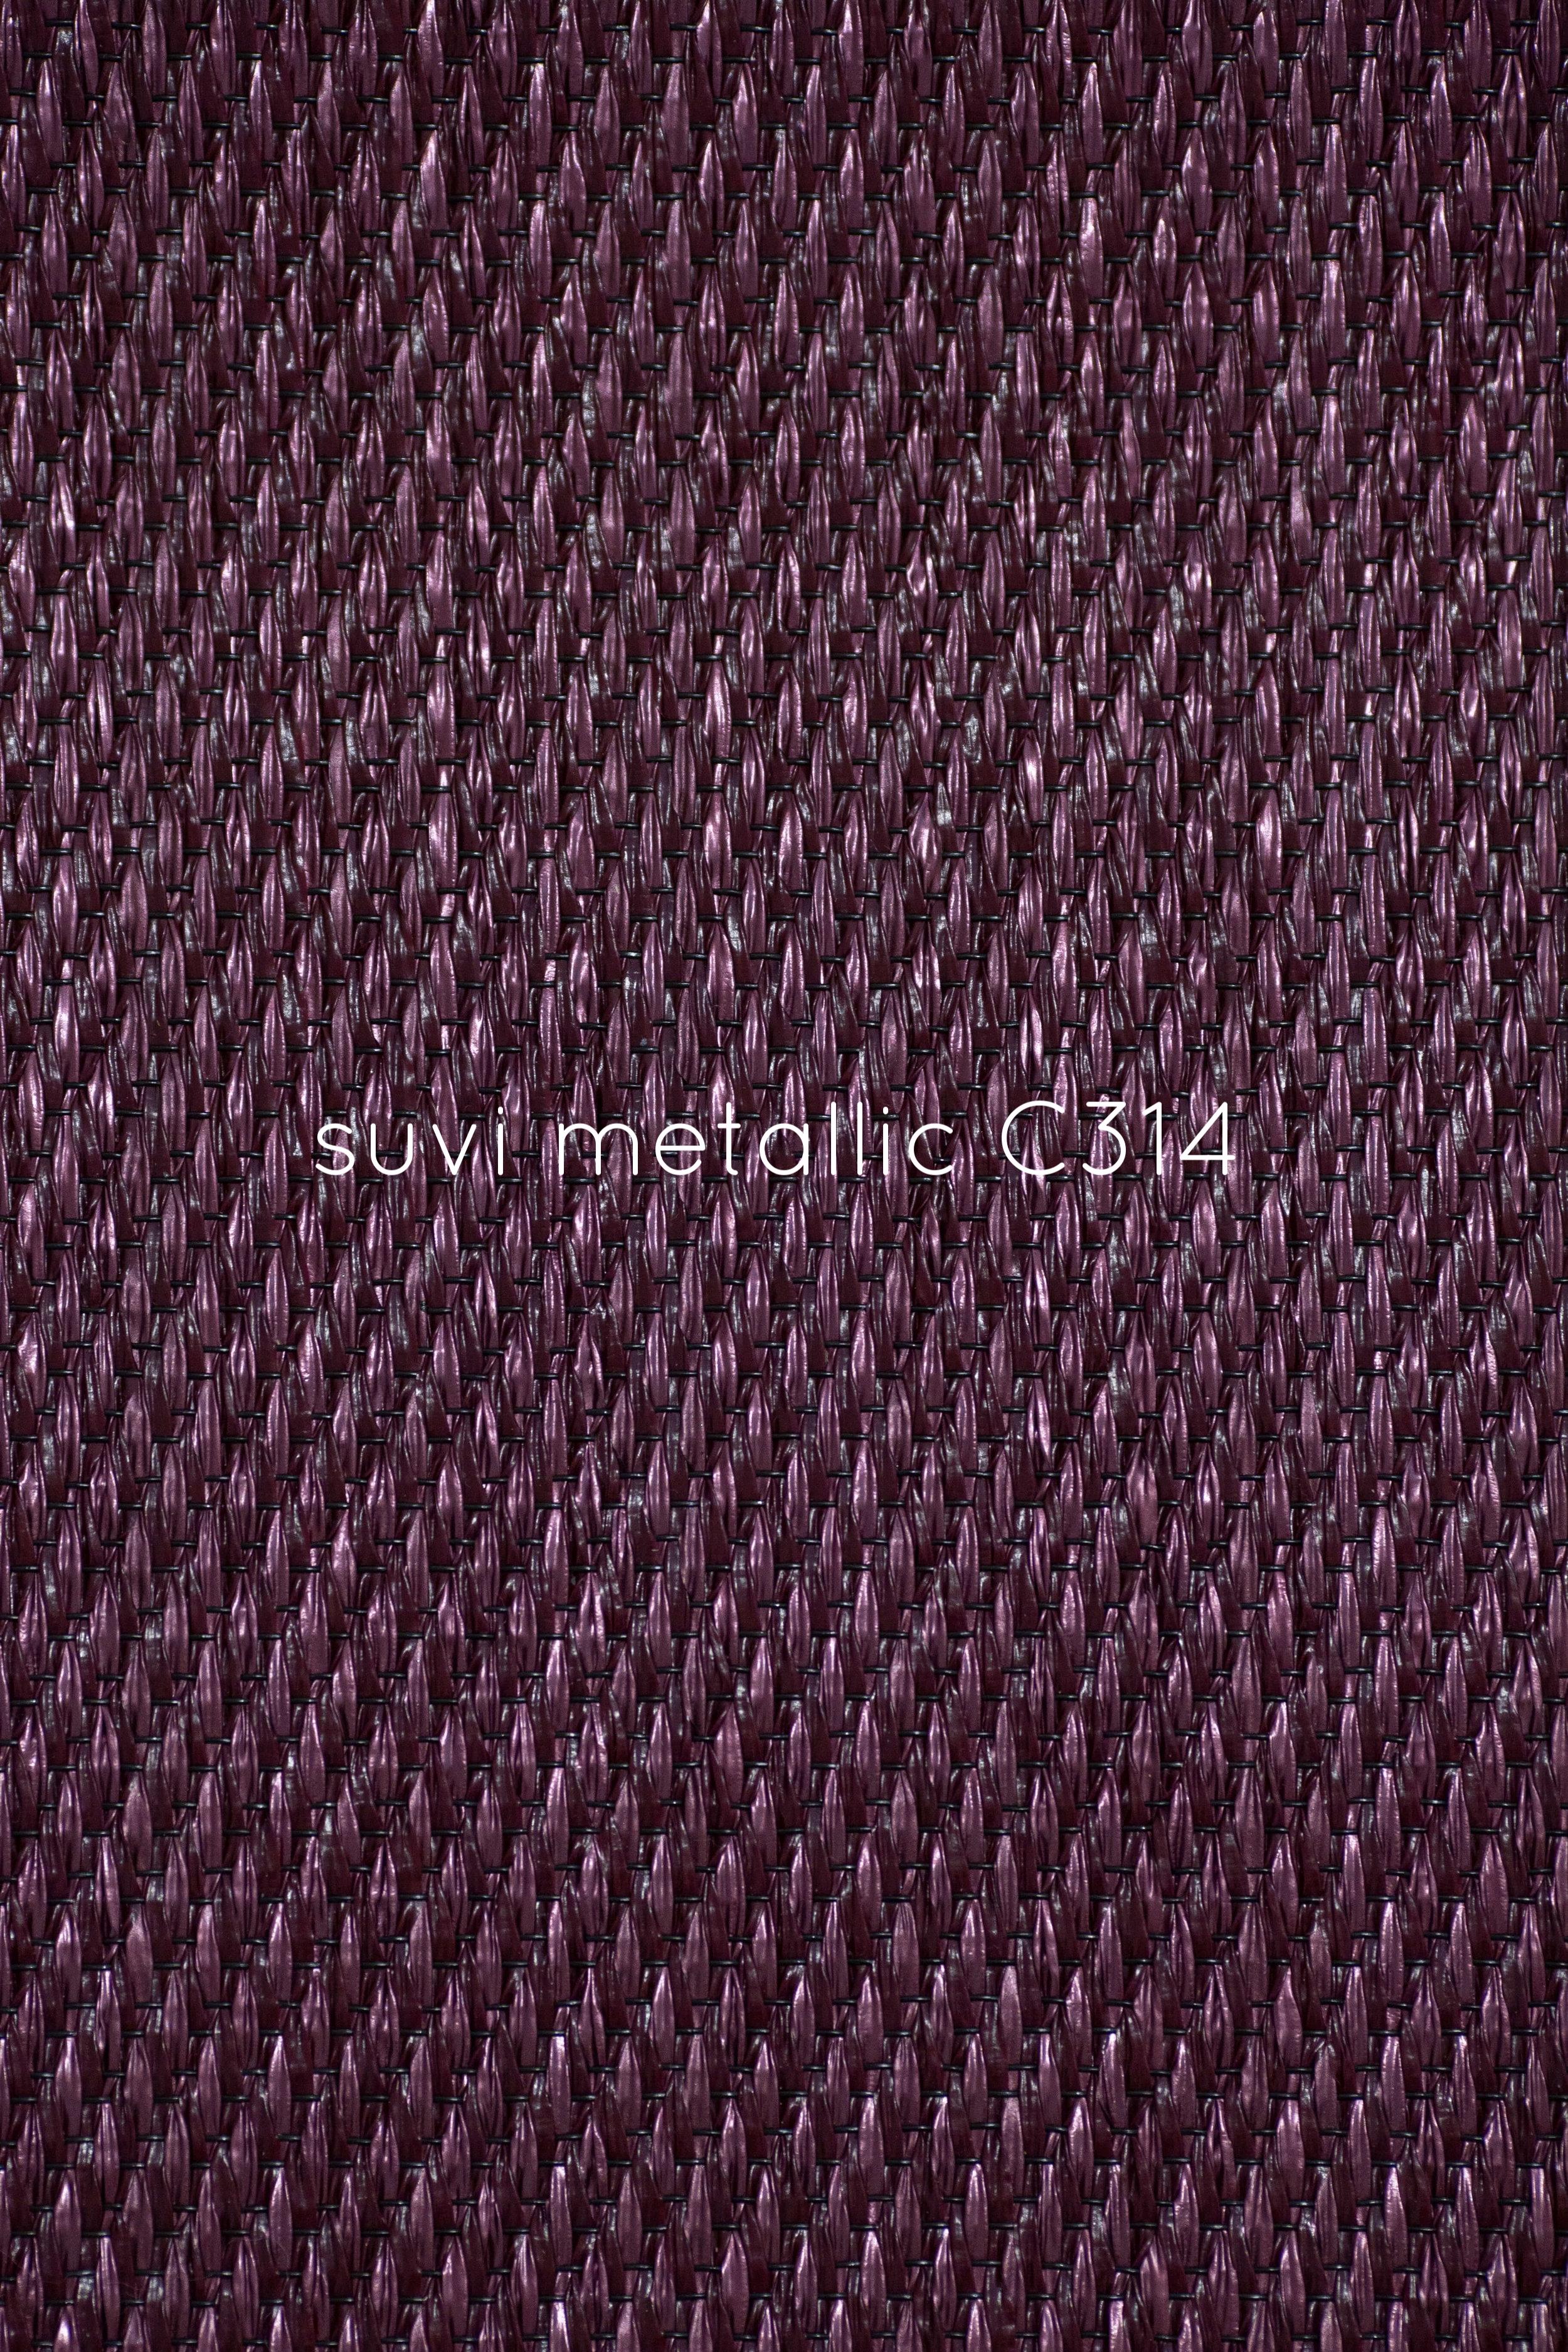 suvi_metallic_C314.jpg